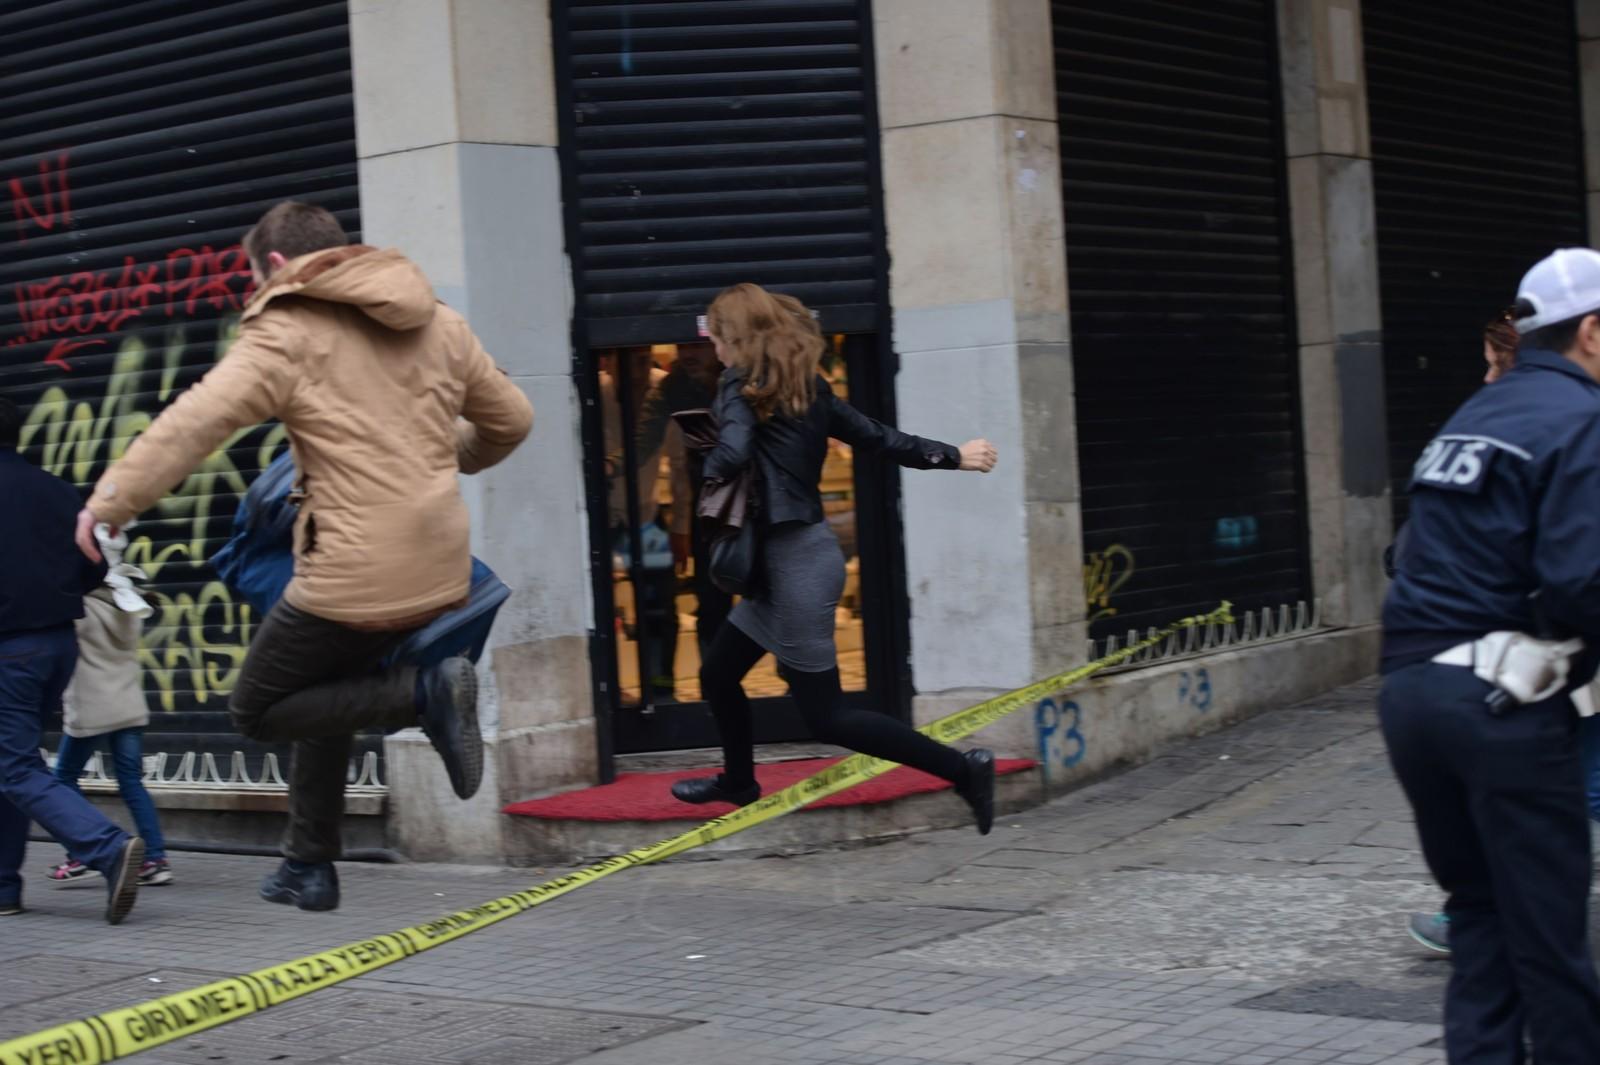 Flere mennesker er drept i en eksplosjon utløst av en selvmordsbomber i en handlegate i sentrum av den tyrkiske storbyen Istanbul. Etter eksplosjonen hersket det kaos og flere hundre mennesker løp i alle retninger, melder tyrkiske medier.